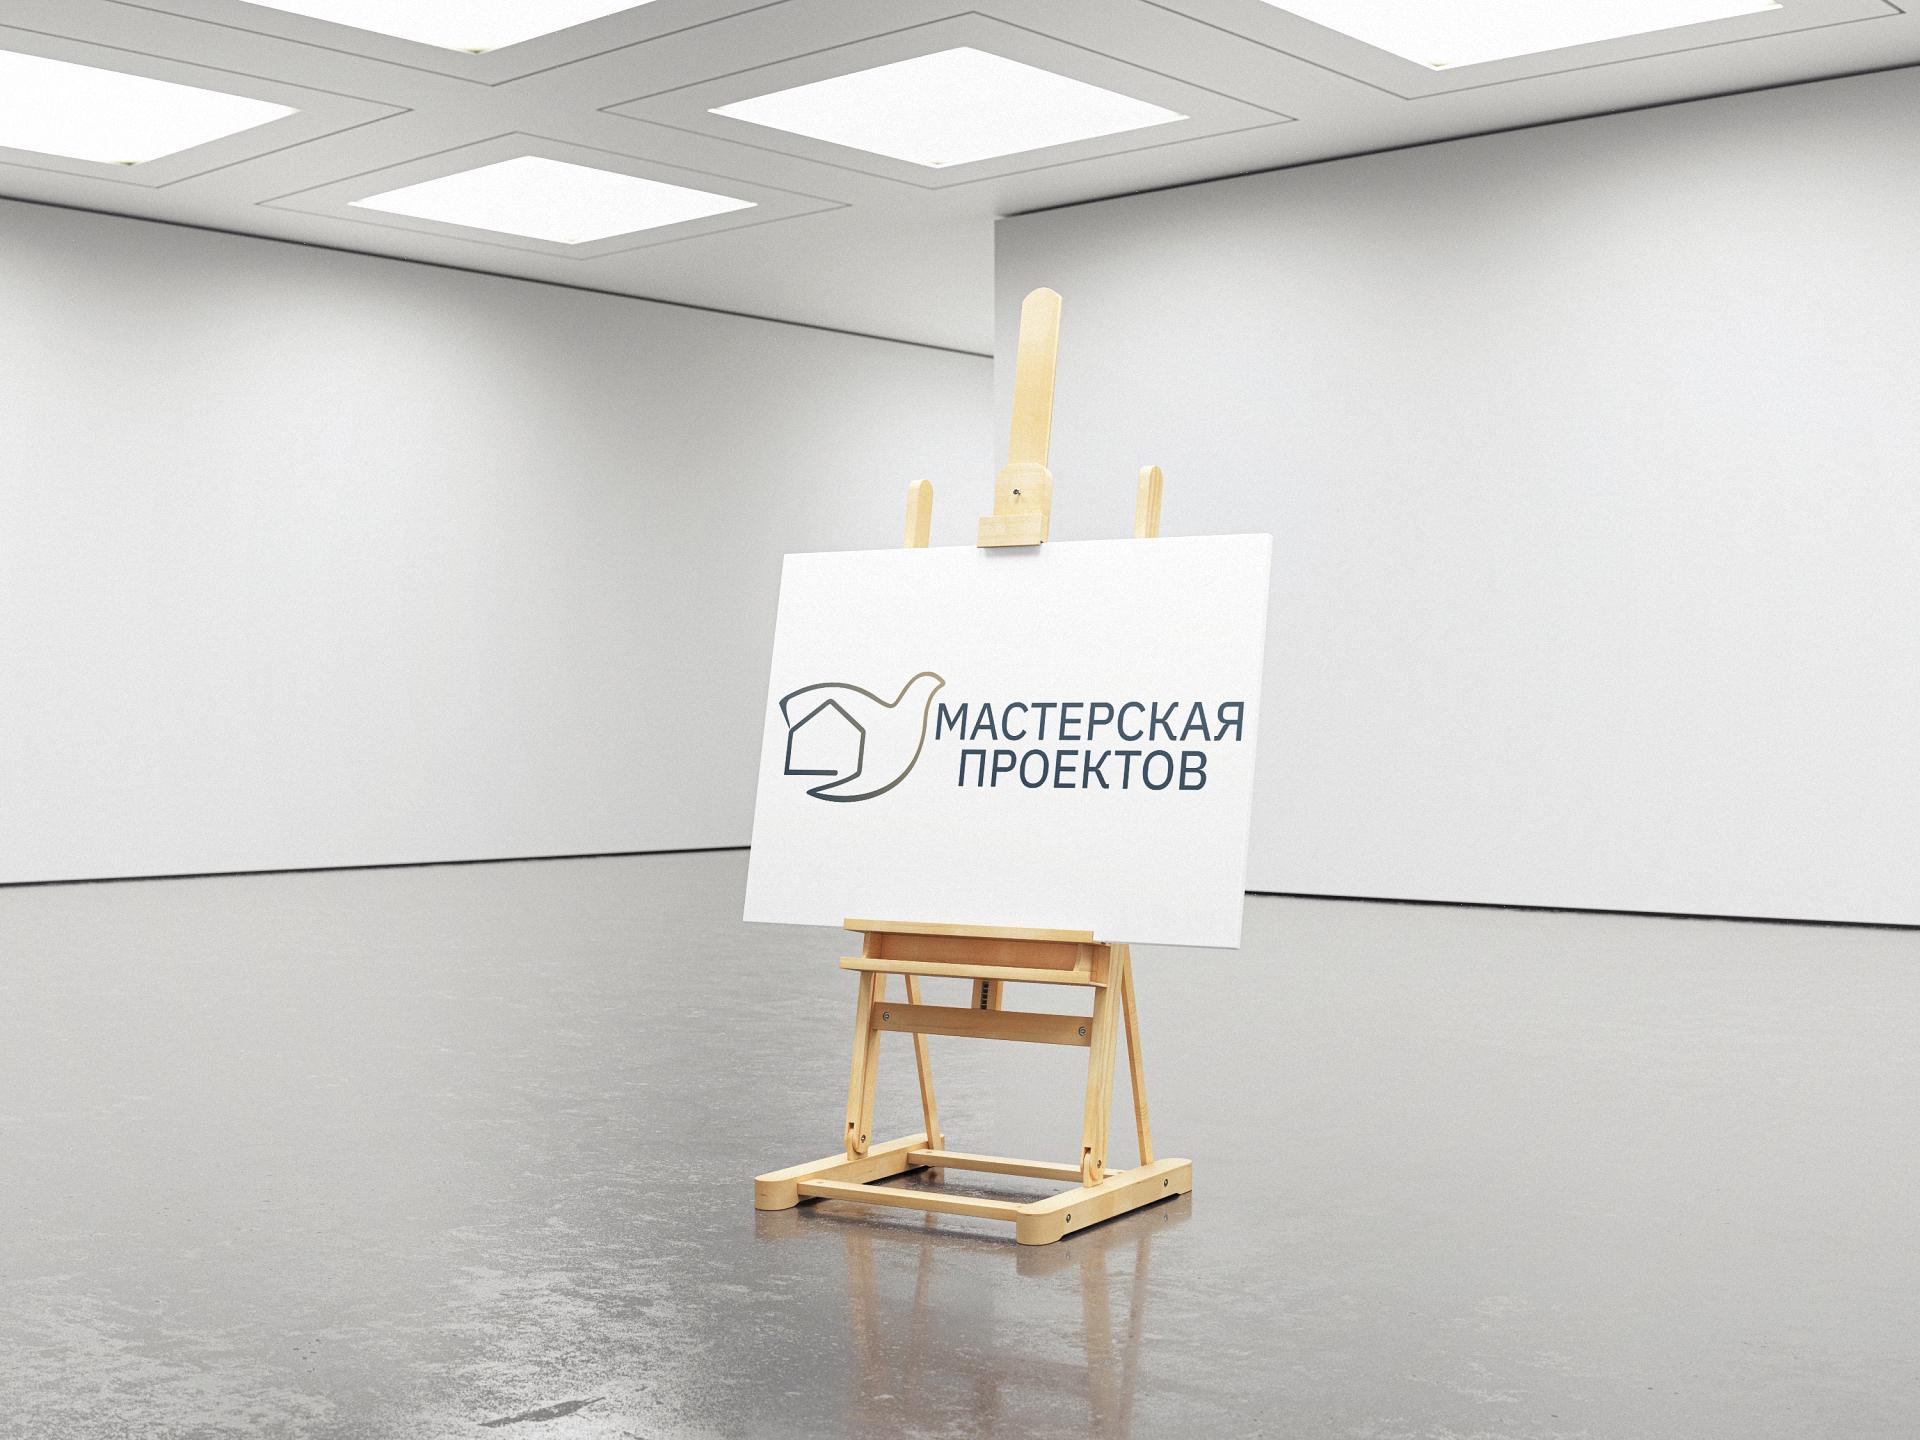 Разработка логотипа строительно-мебельного проекта (см. опис фото f_1896079f5ac0f73a.jpg